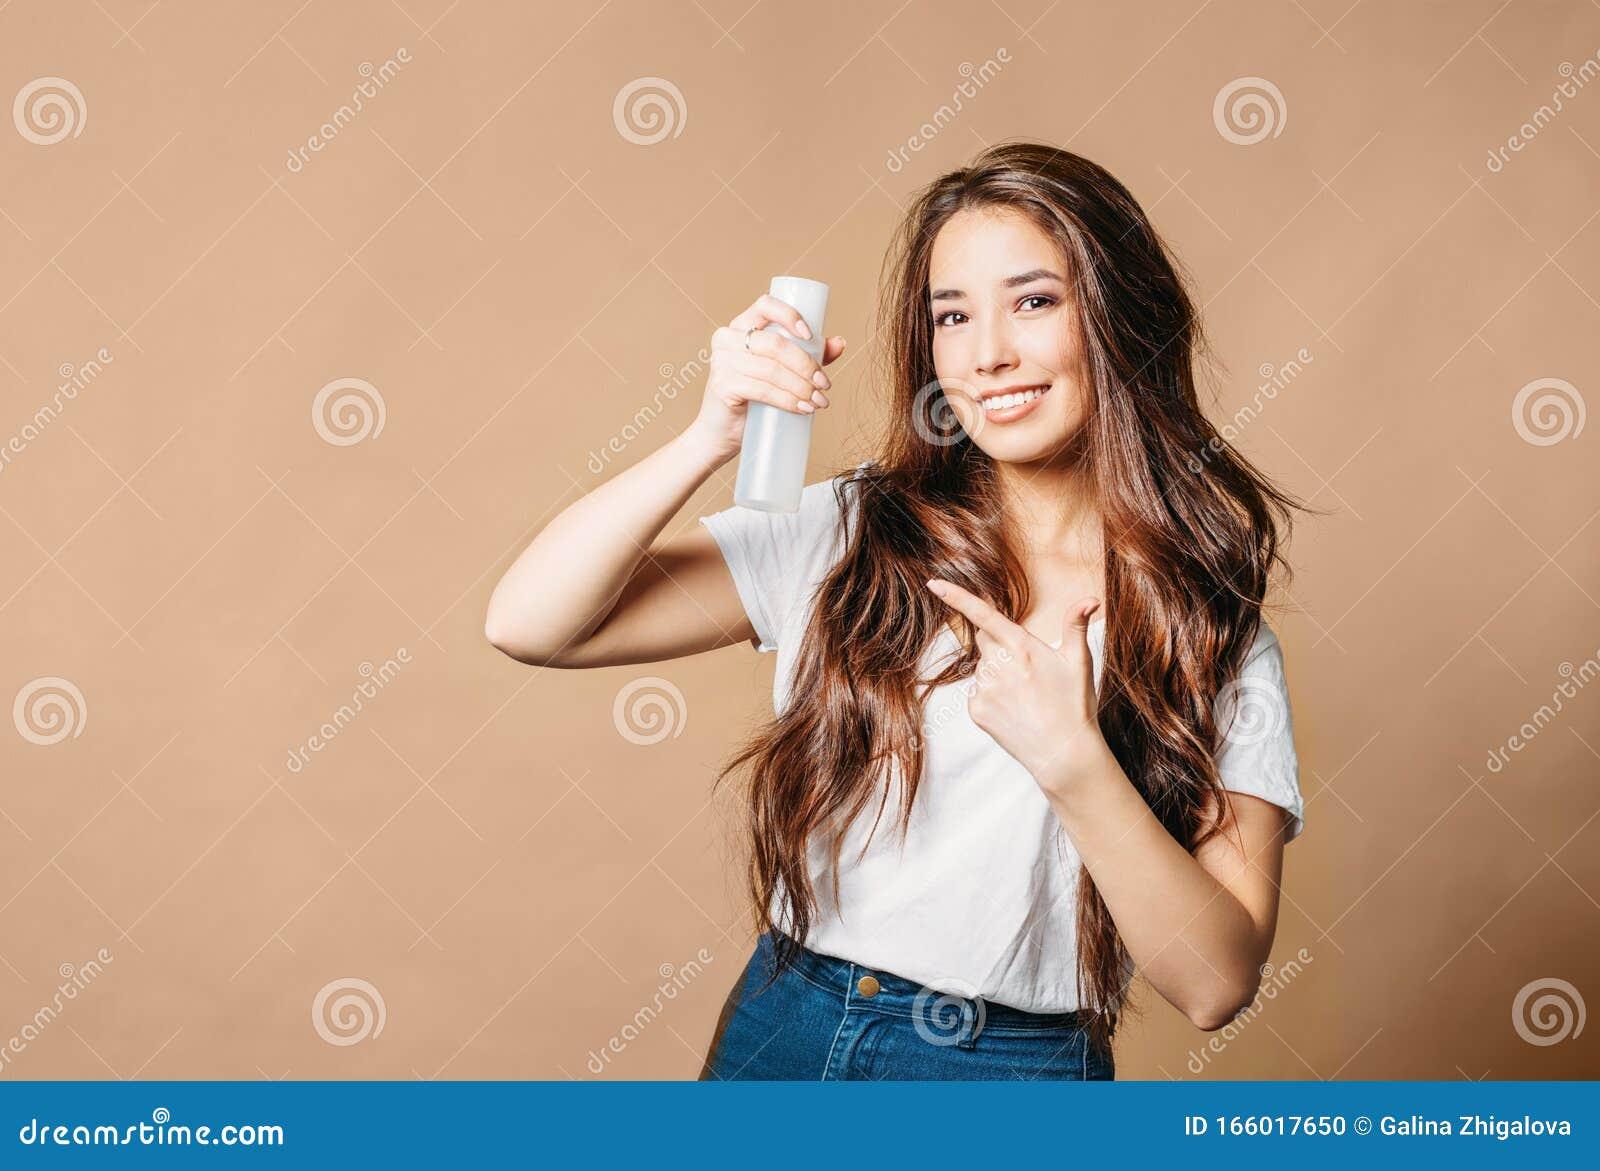 Ritratto Di Bellezza Di Una Giovane Donna Asiatica Con ...